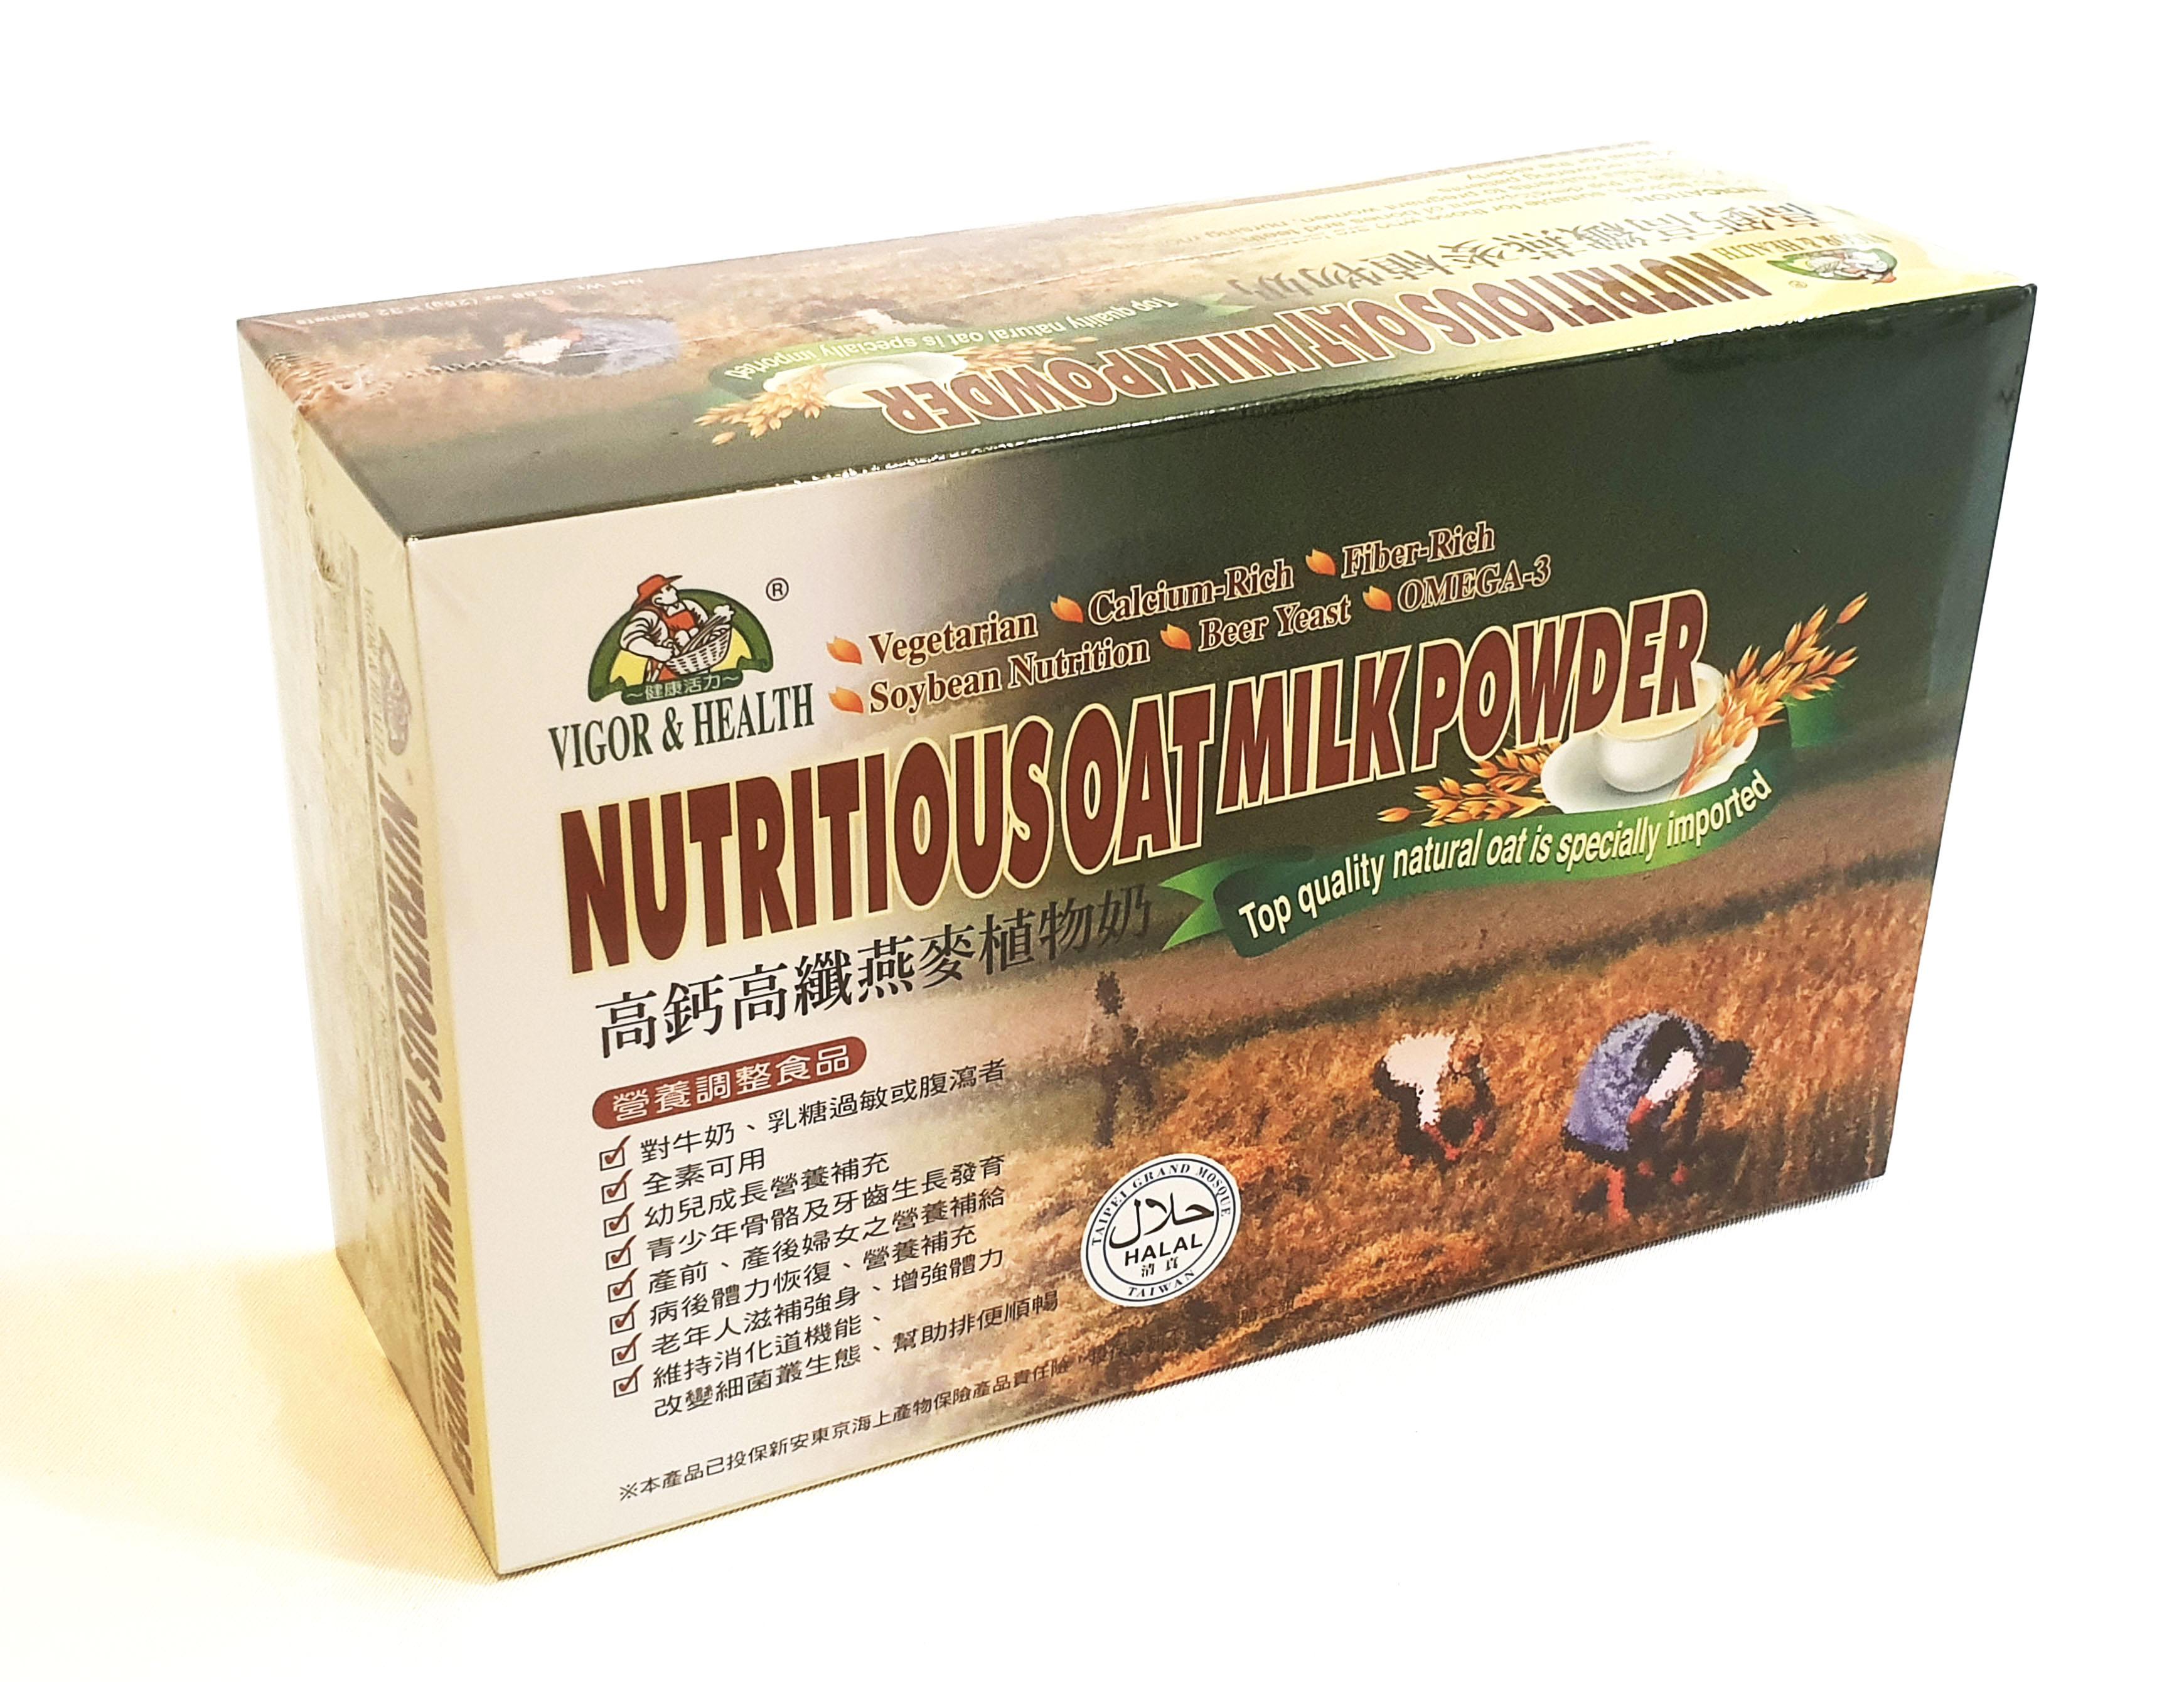 有機廚坊 高鈣高纖燕麥植物奶 25公克*32包/盒 (保健食品/膳食纖維/非基因改造大豆)